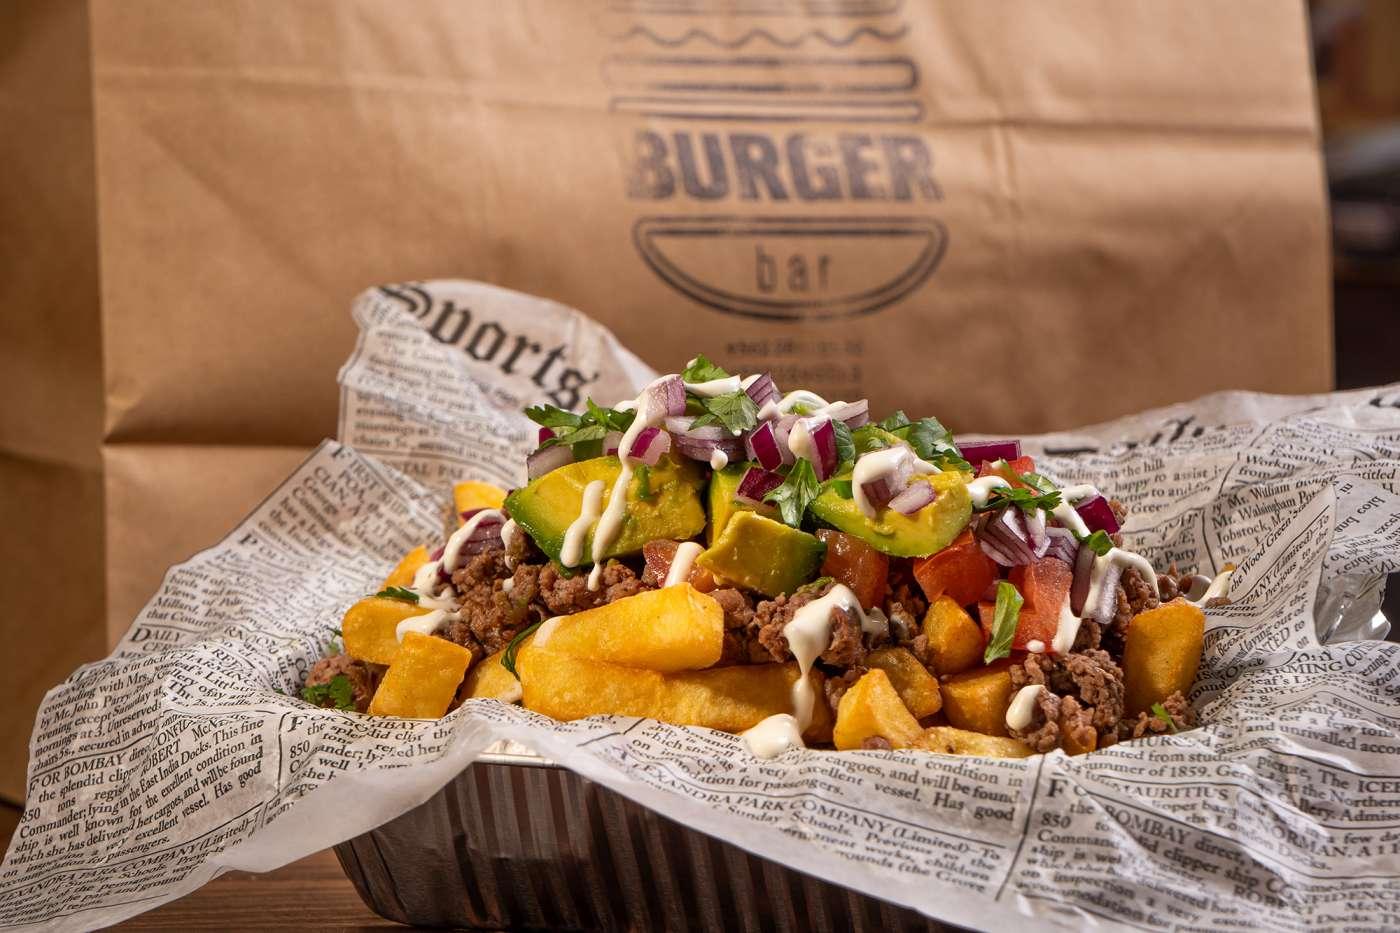 The Burger Bar y sus deliciosas hamburguesas, churrascos y mechadas.